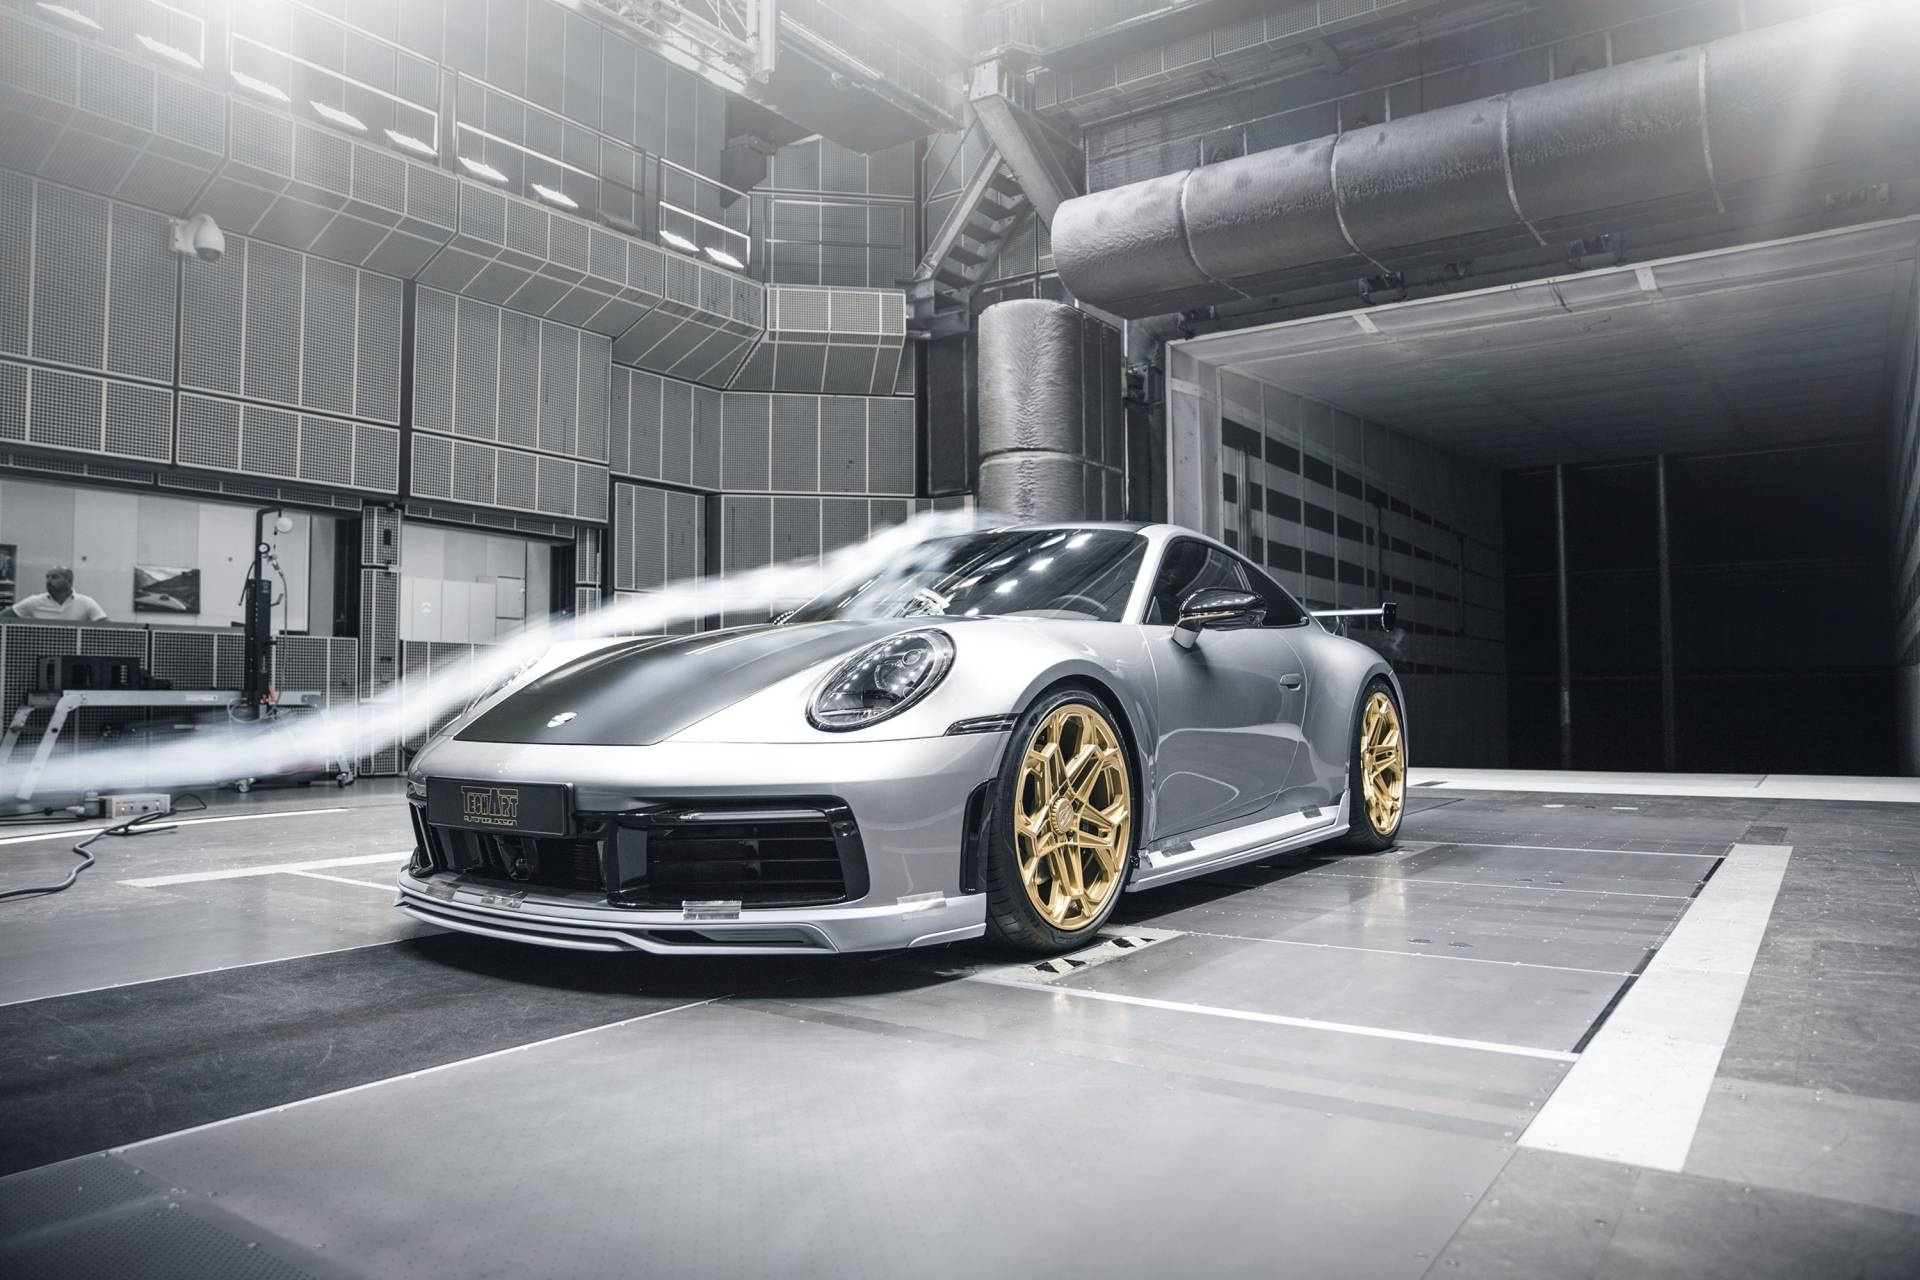 Porsche 911 2020 lot xac voi goi do thu cong hinh anh 49